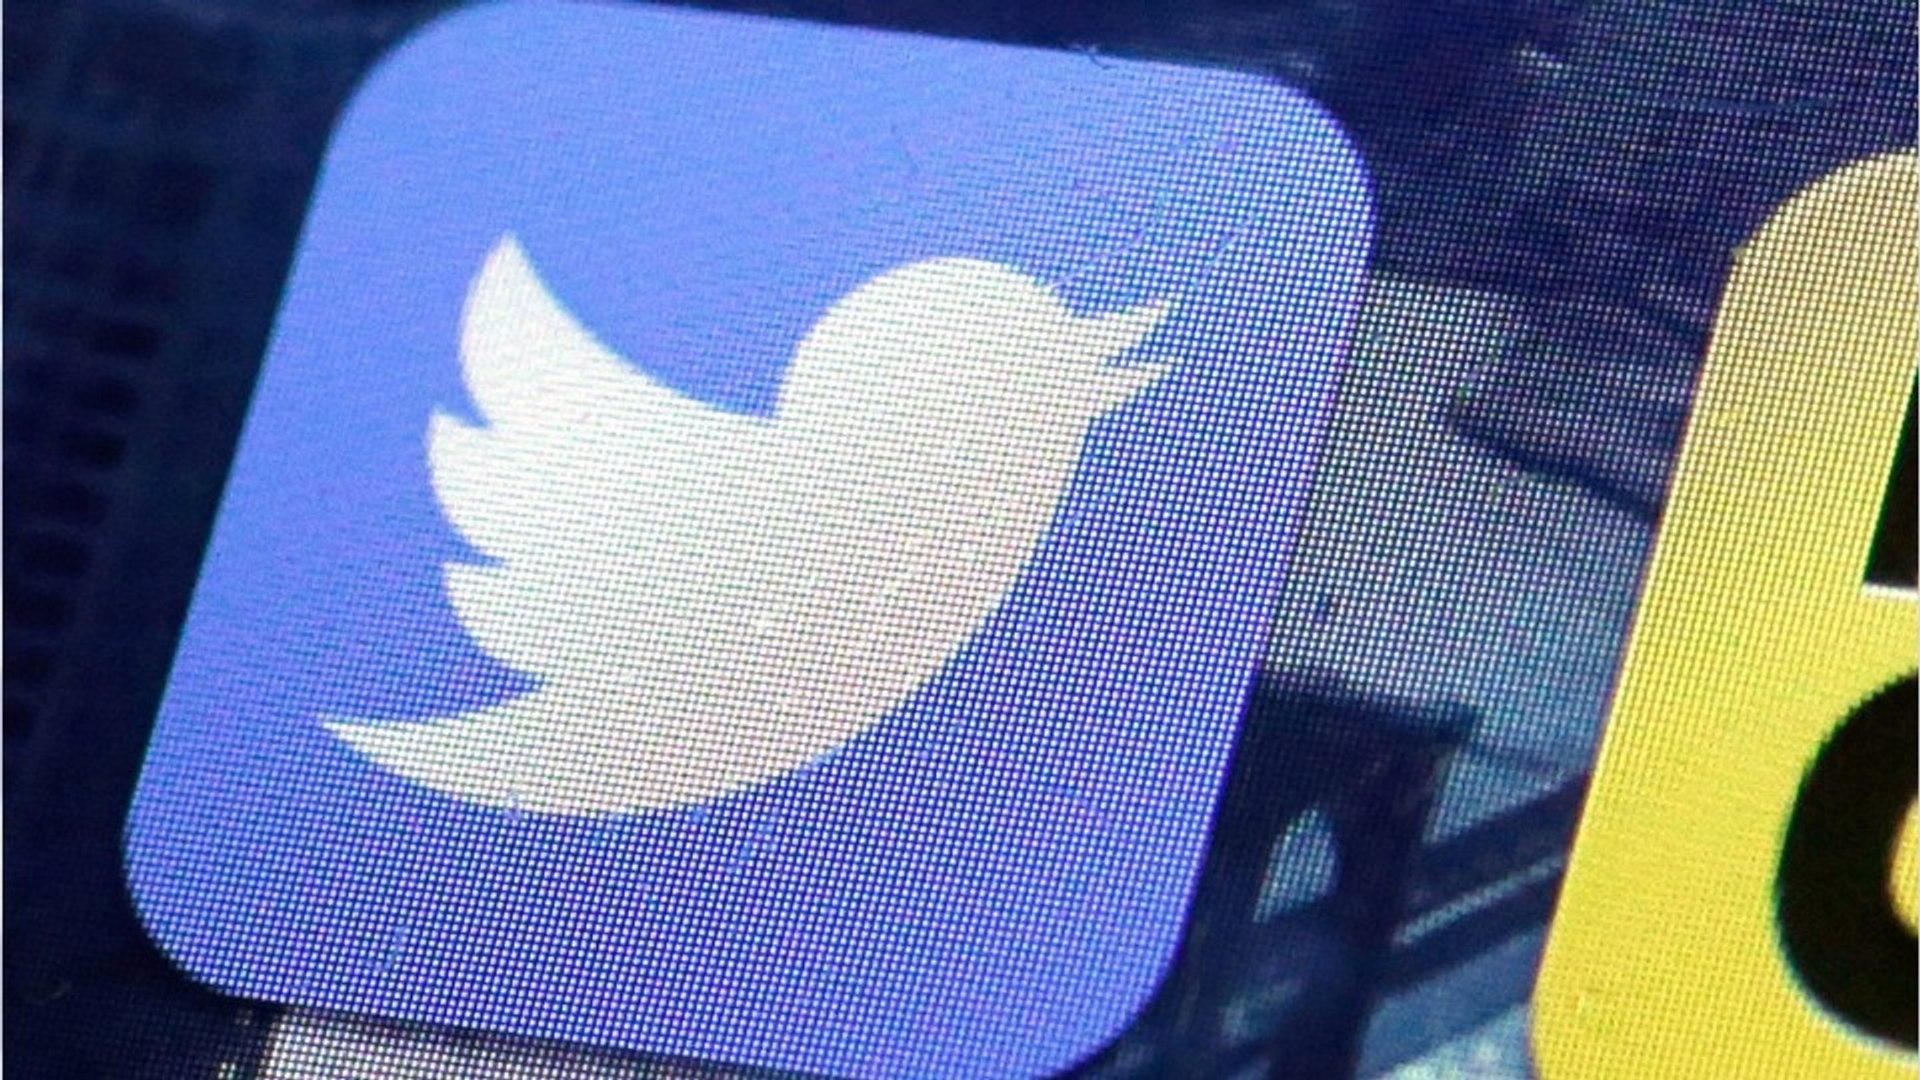 4.8 Million Bots Accounts On Twitter